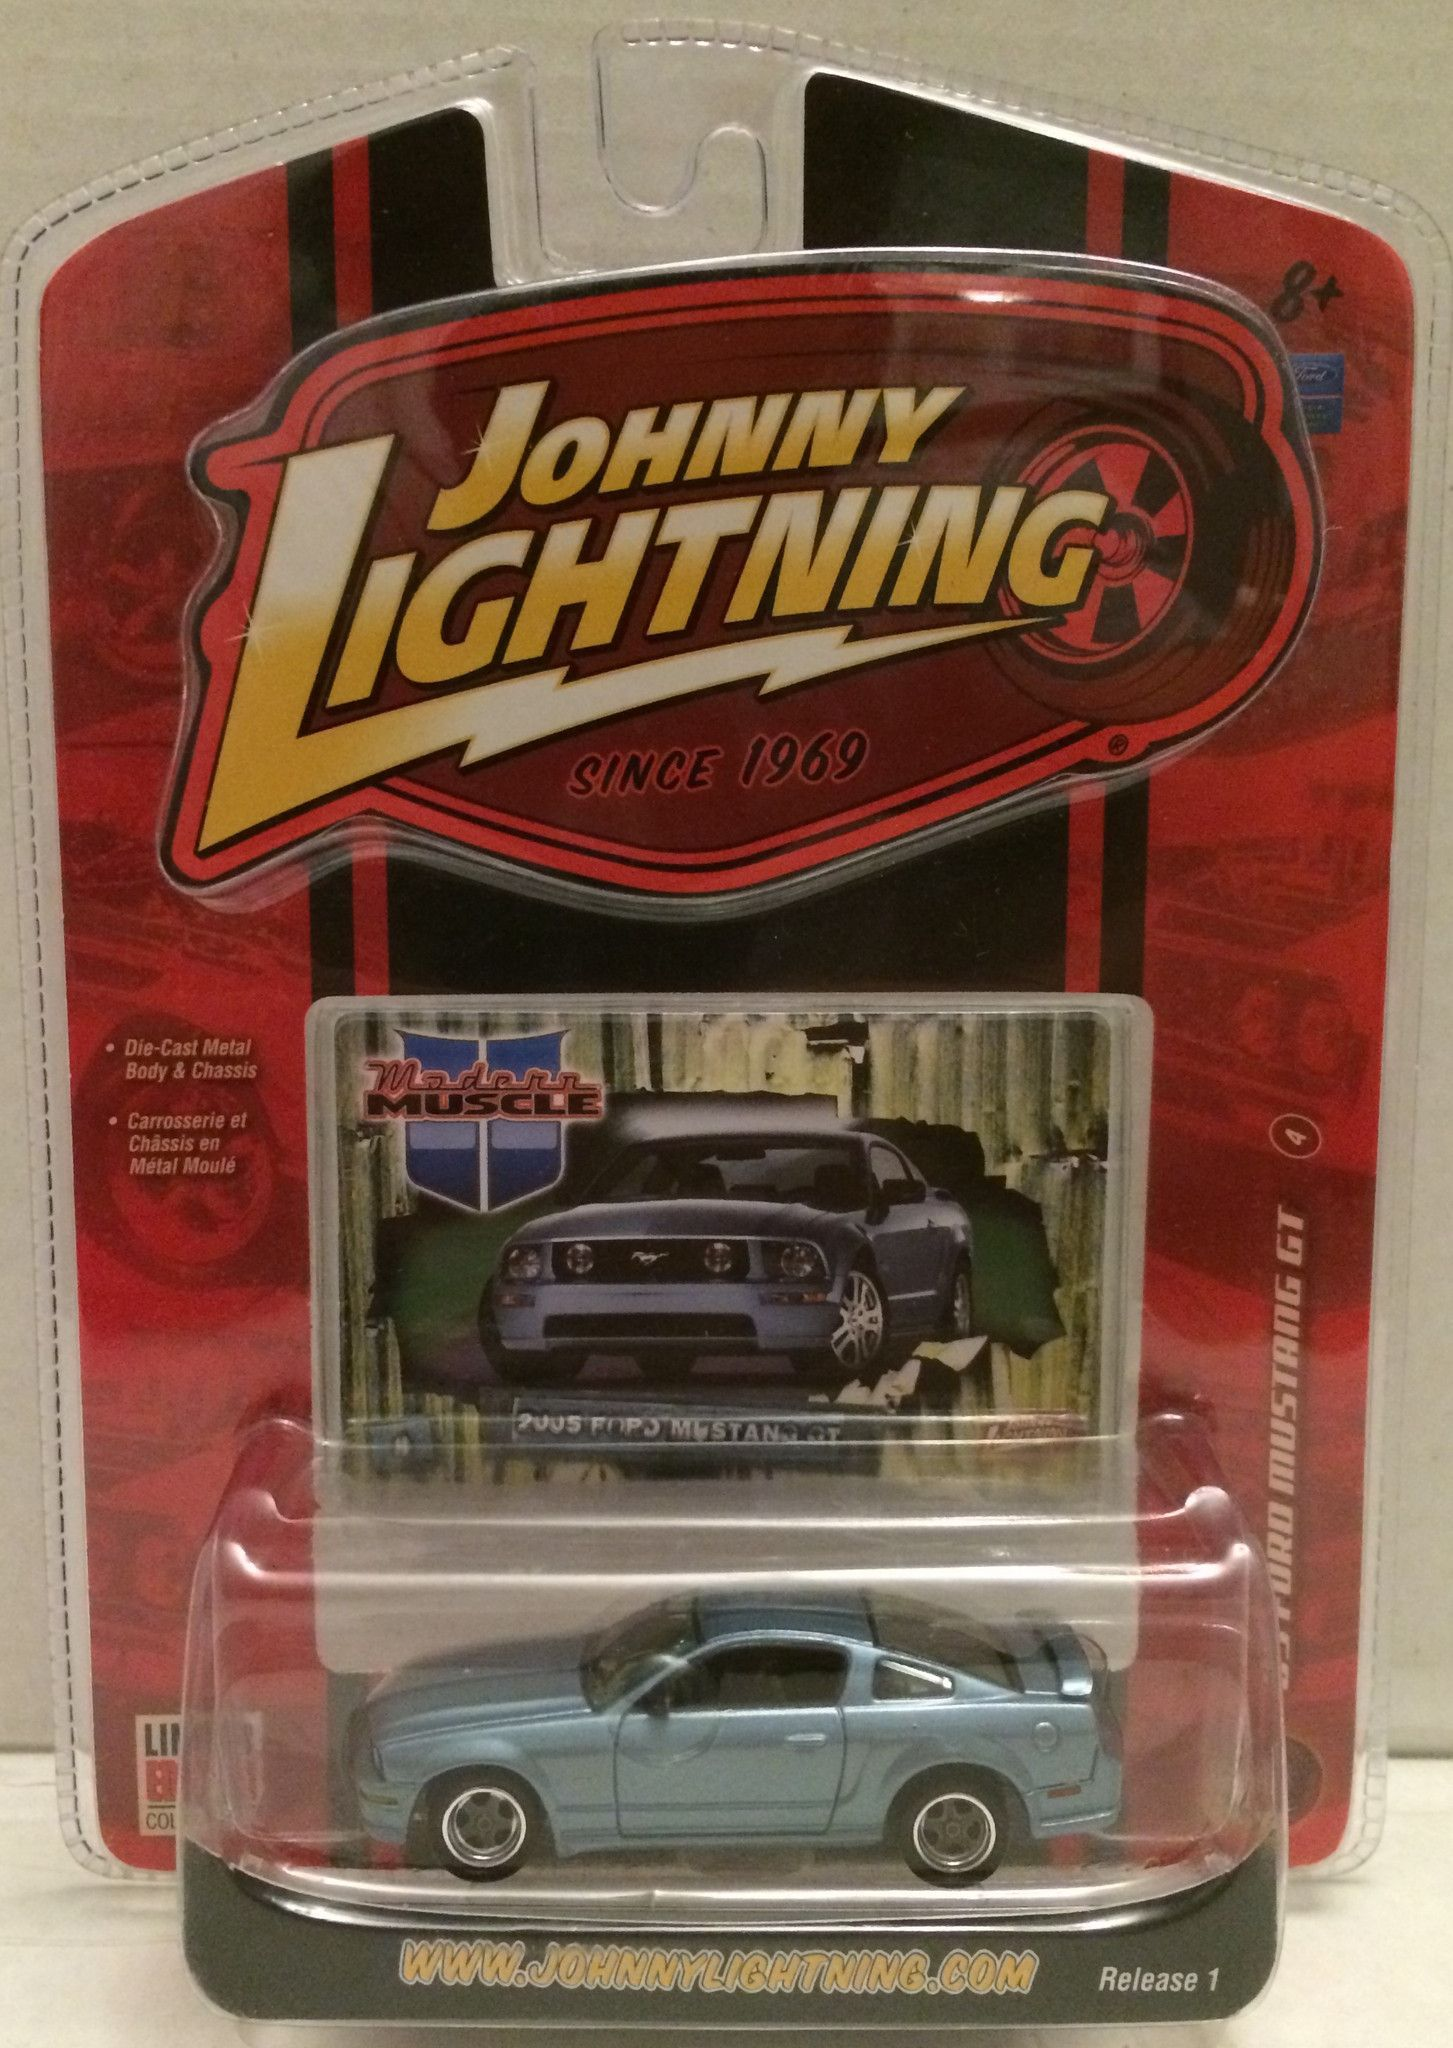 Tas009409 2007 Johnny Lightning 05 Ford Mustang Gt Die Cast Ford Mustang Gt Mustang Mustang Gt